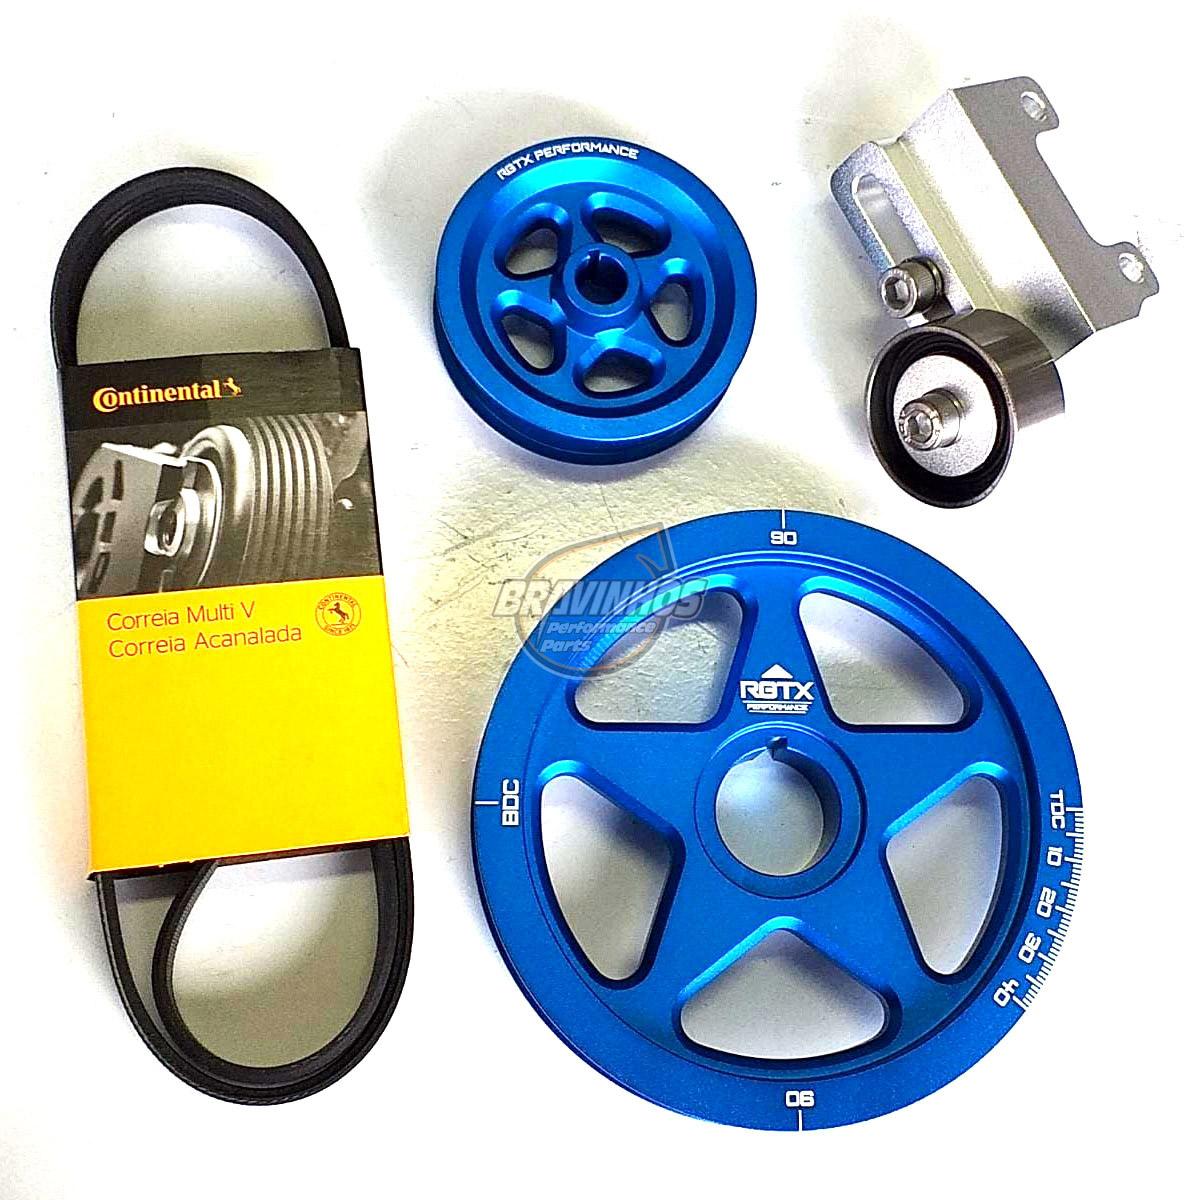 Kit de Polias VW Fusca em Alumínio com Correia Poli-V e Esticador